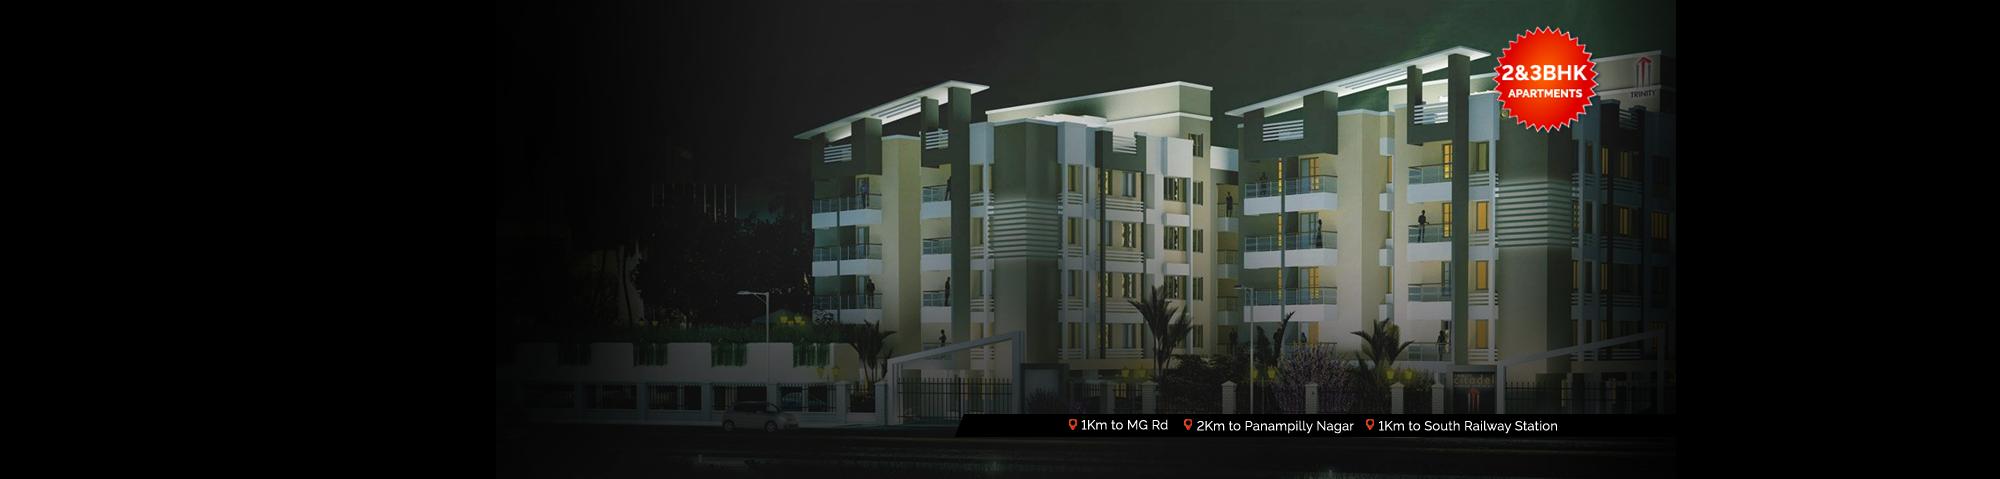 Luxury Flats in Kochi